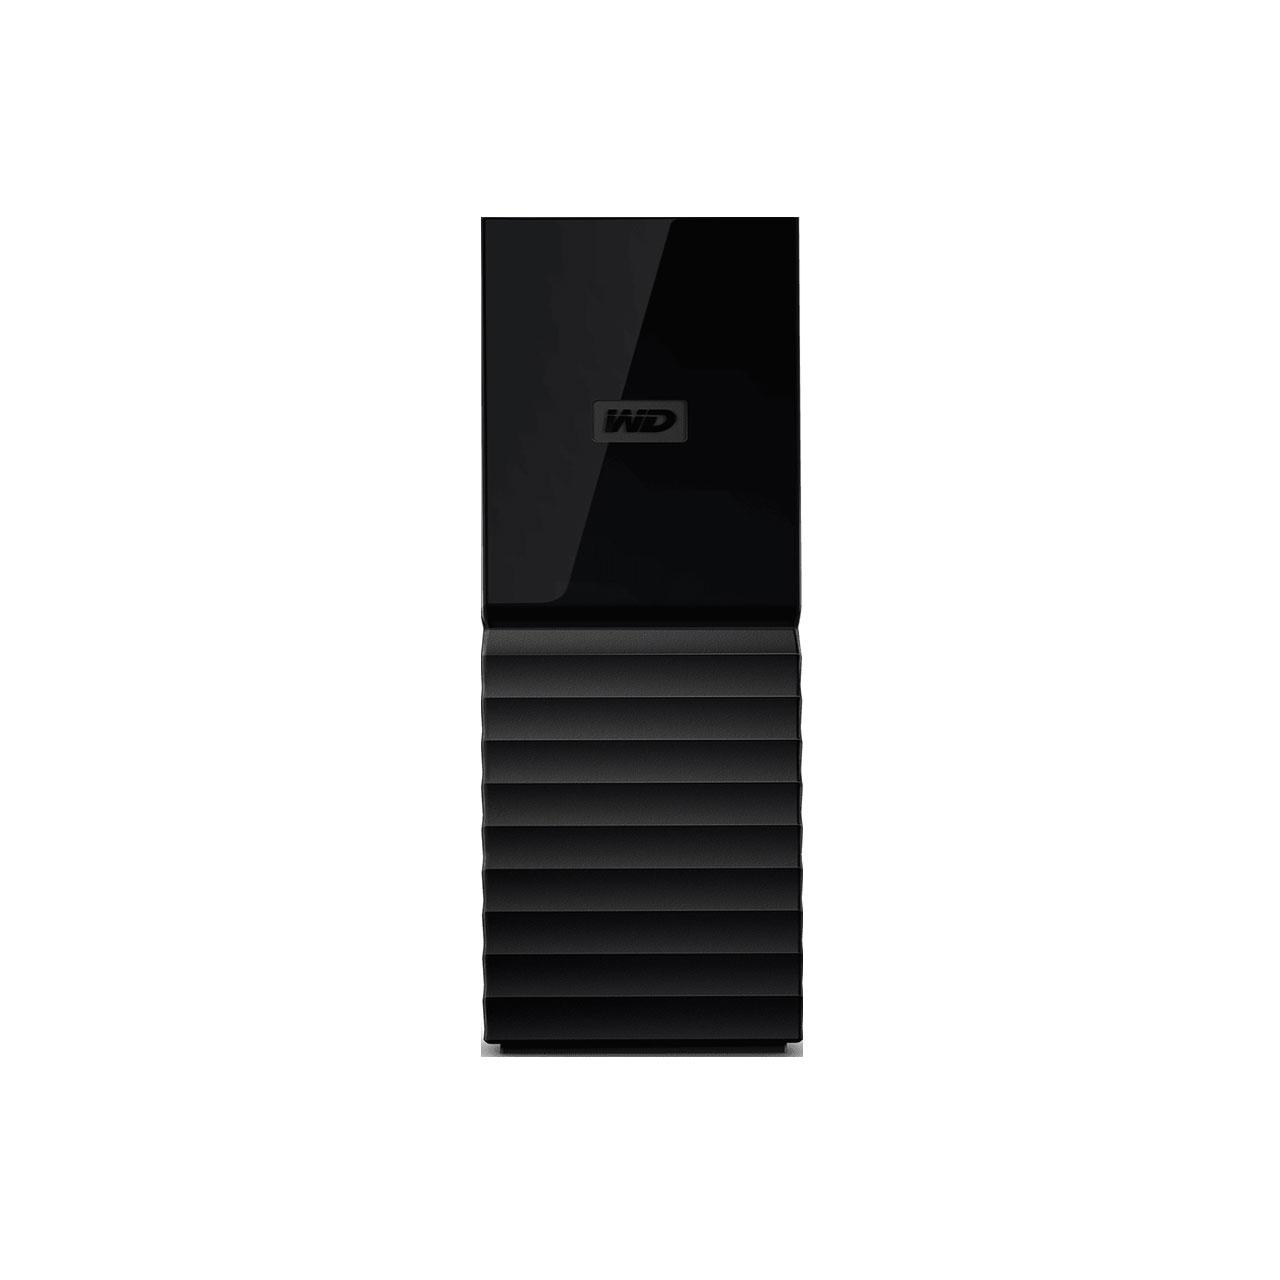 هارددیسک-1اکسترنال-1وسترن-دیجیتال-مدل-My-Book-Desktop-ظرفیت-6-ترابایت